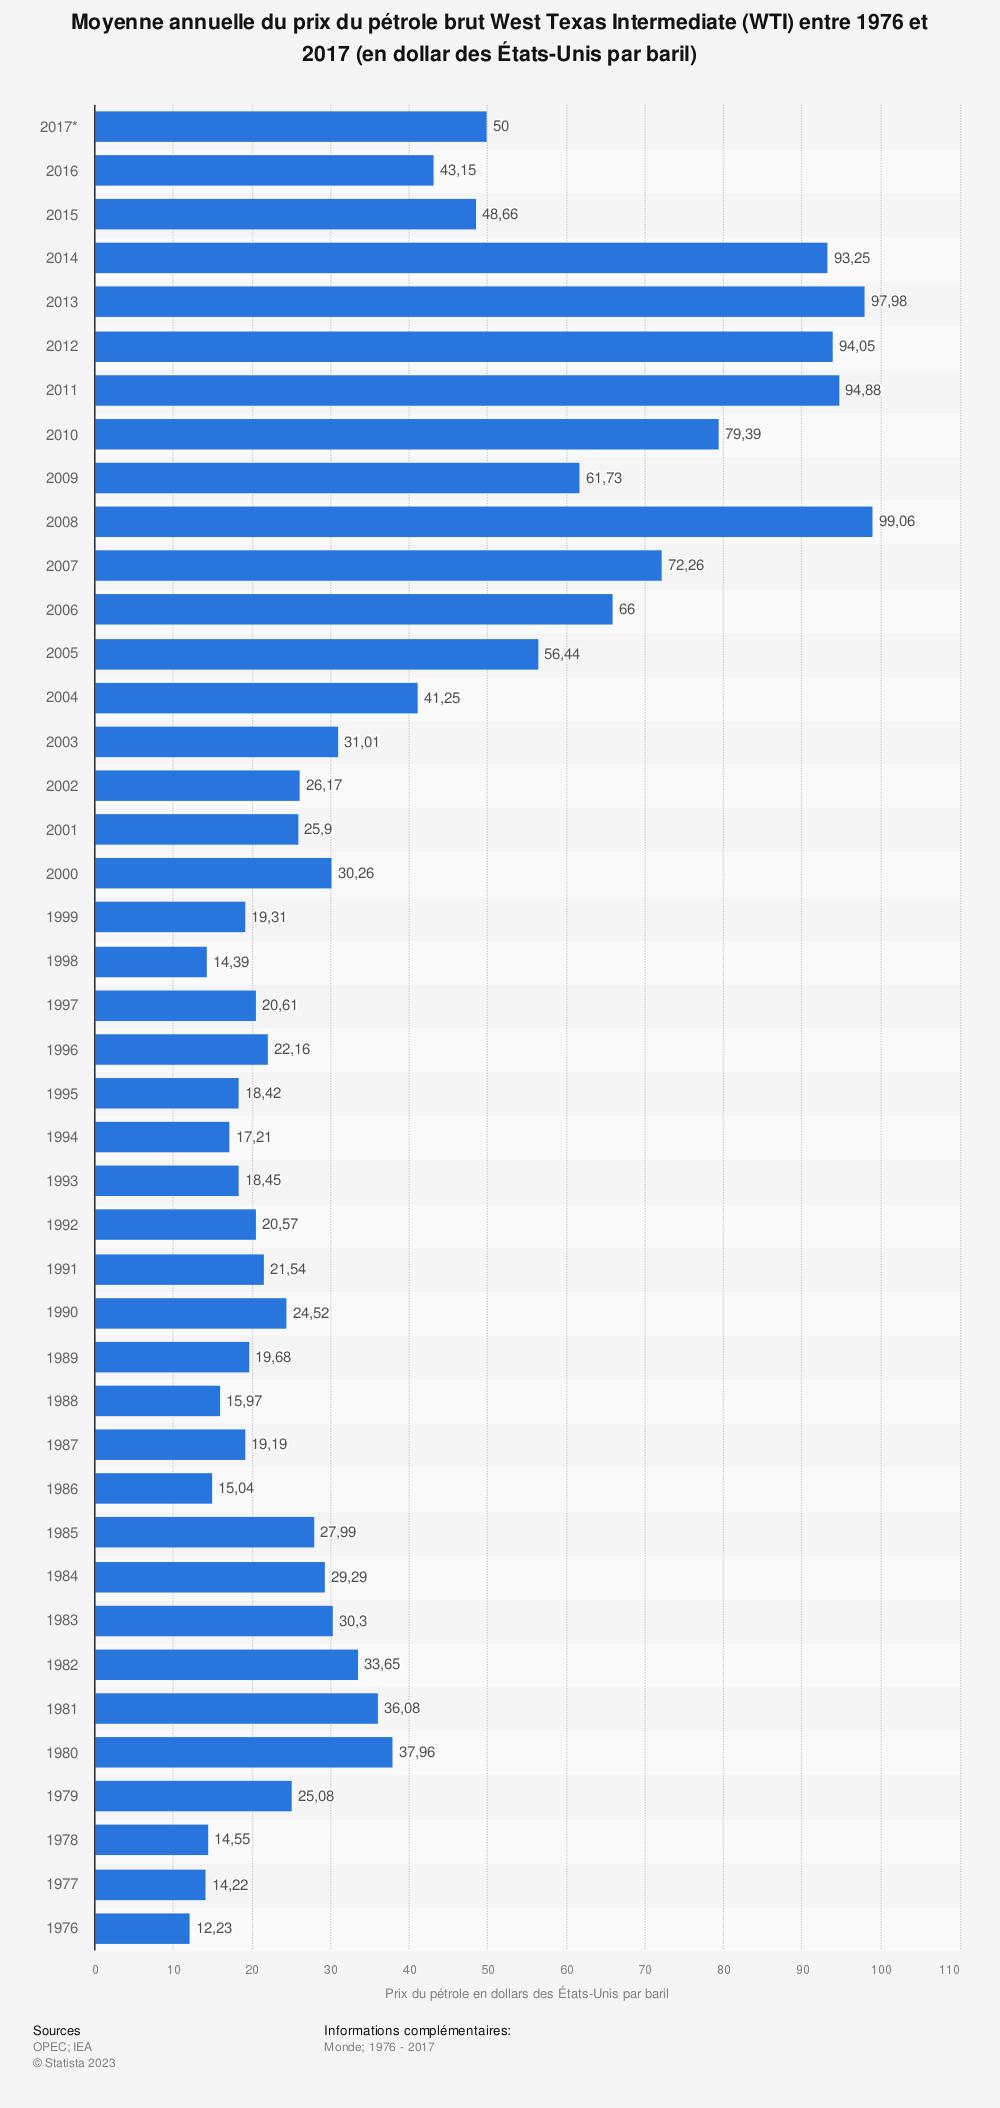 Statistique: Moyenne annuelle du prix du pétrole brut West Texas Intermediate (WTI) entre 1976 et 2017 (en dollar des États-Unis par baril) | Statista